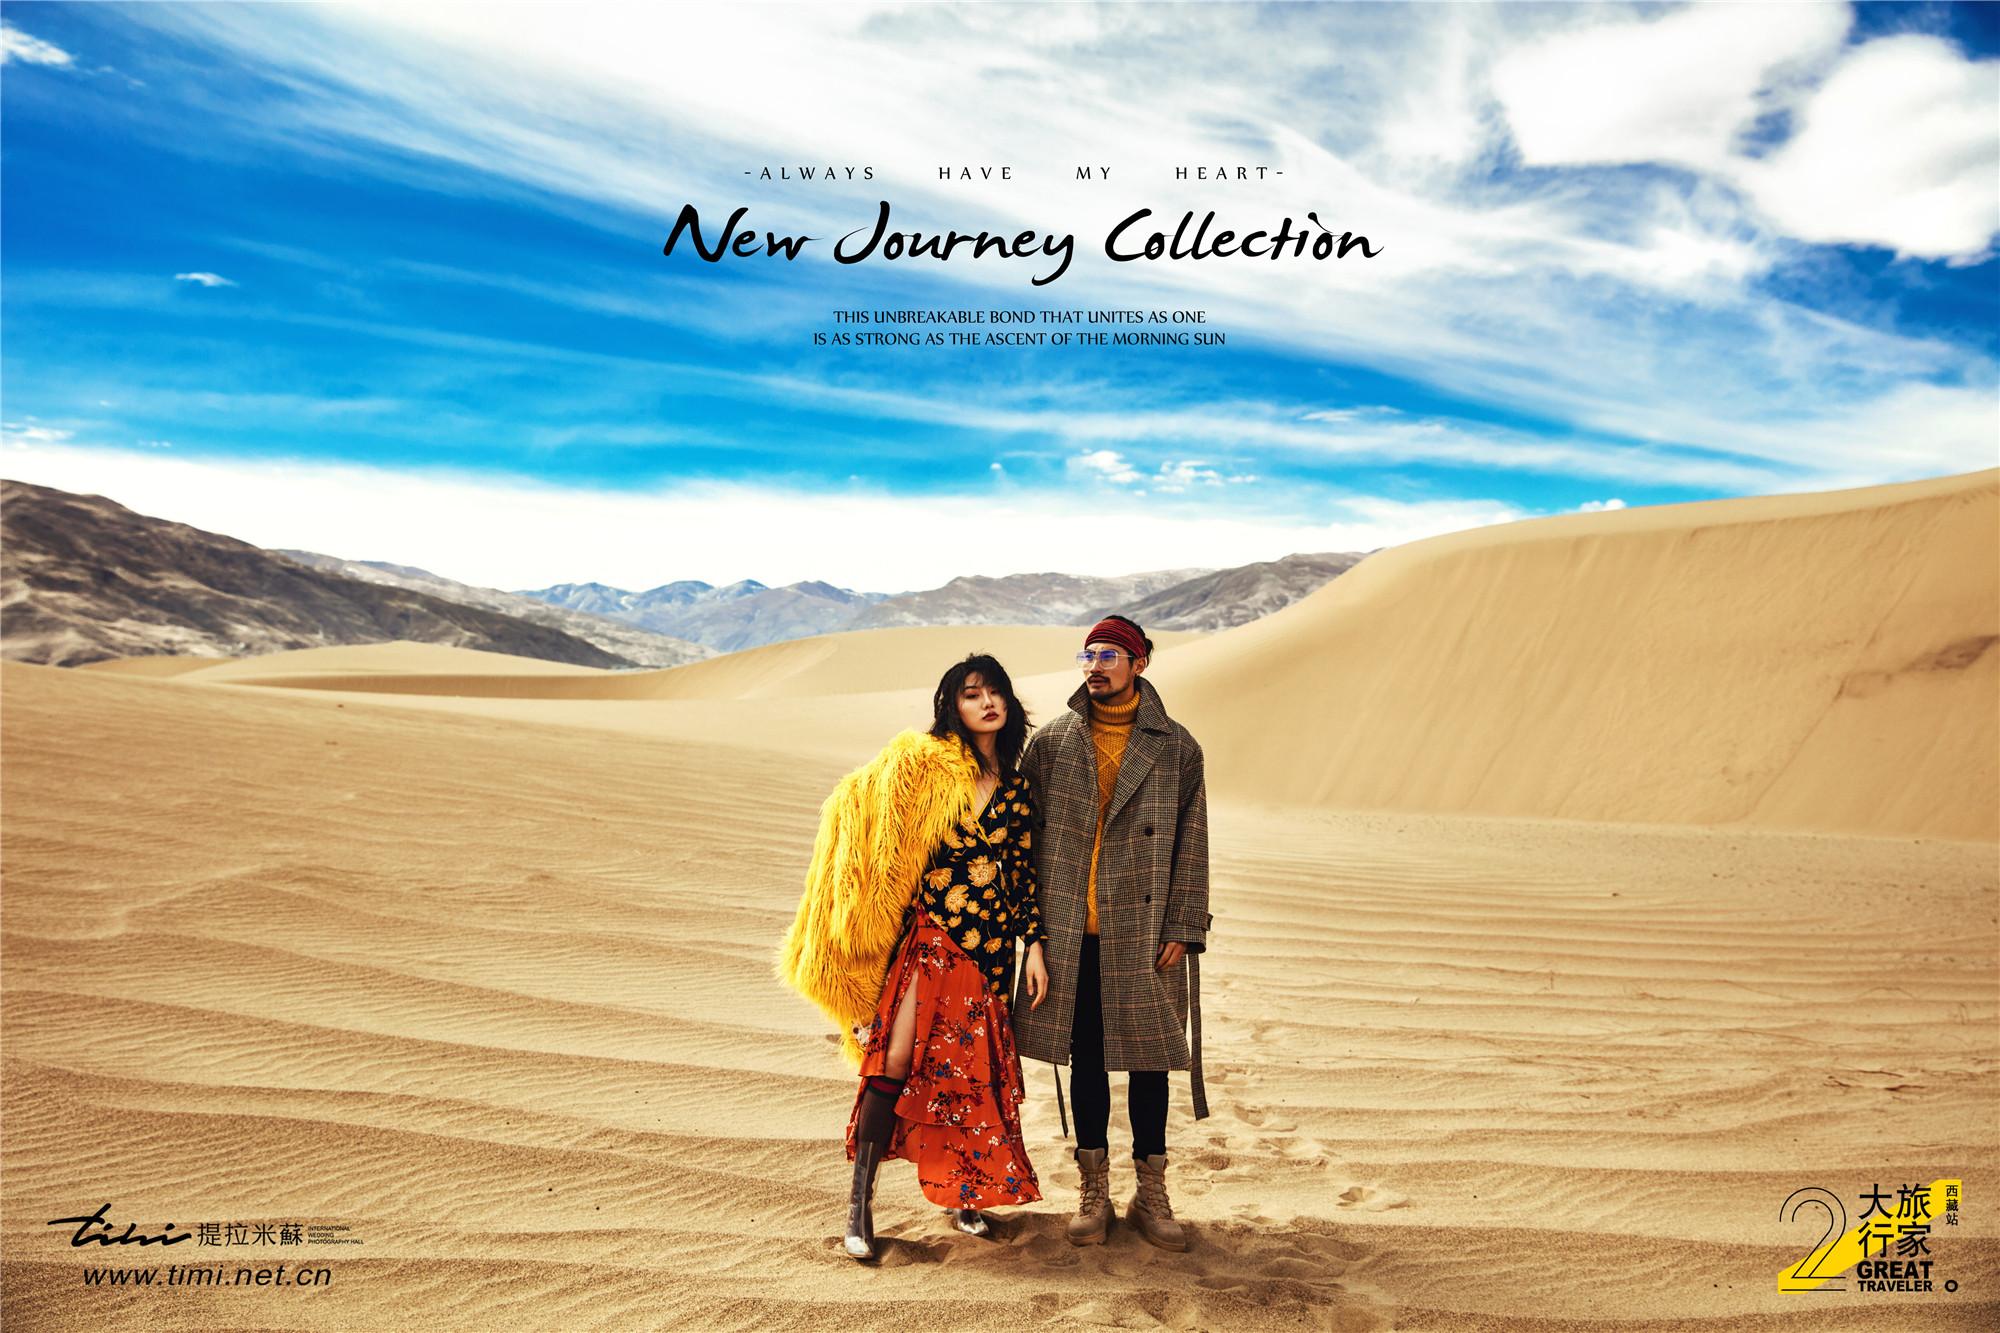 去西藏旅拍如何应对高反?